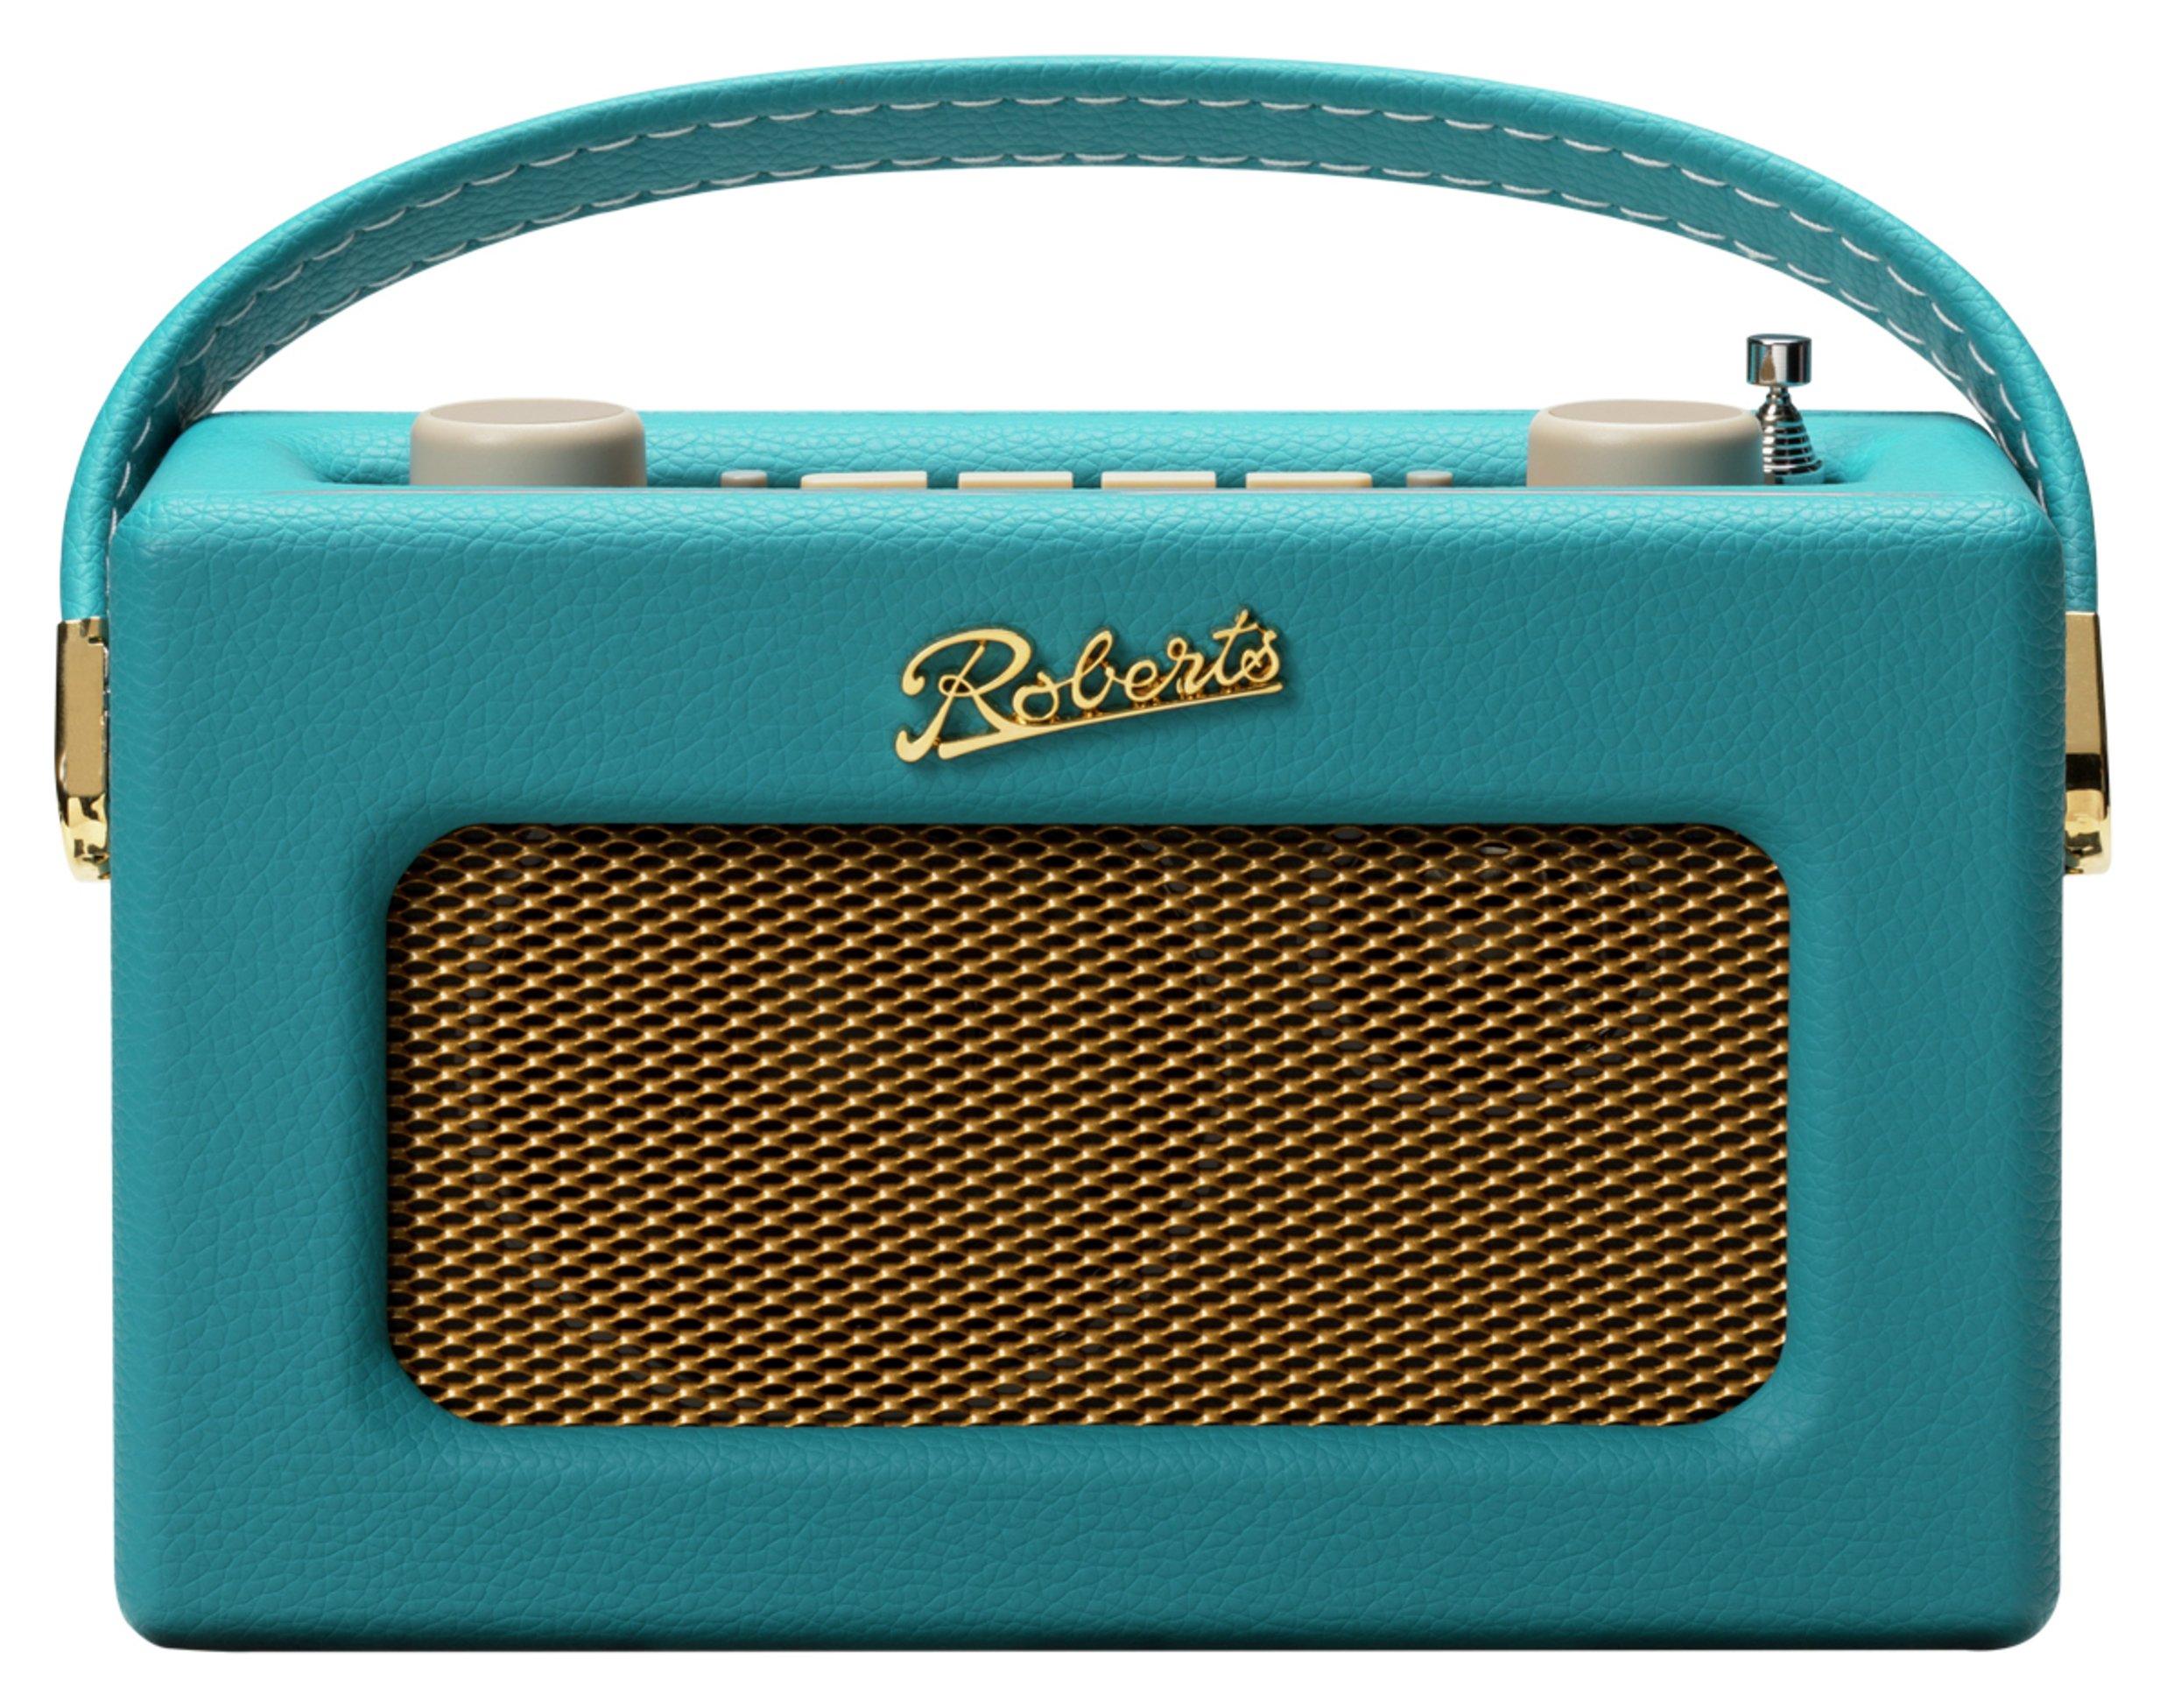 Roberts Revival Uno DAB / DAB+ / FM Radio - Blue